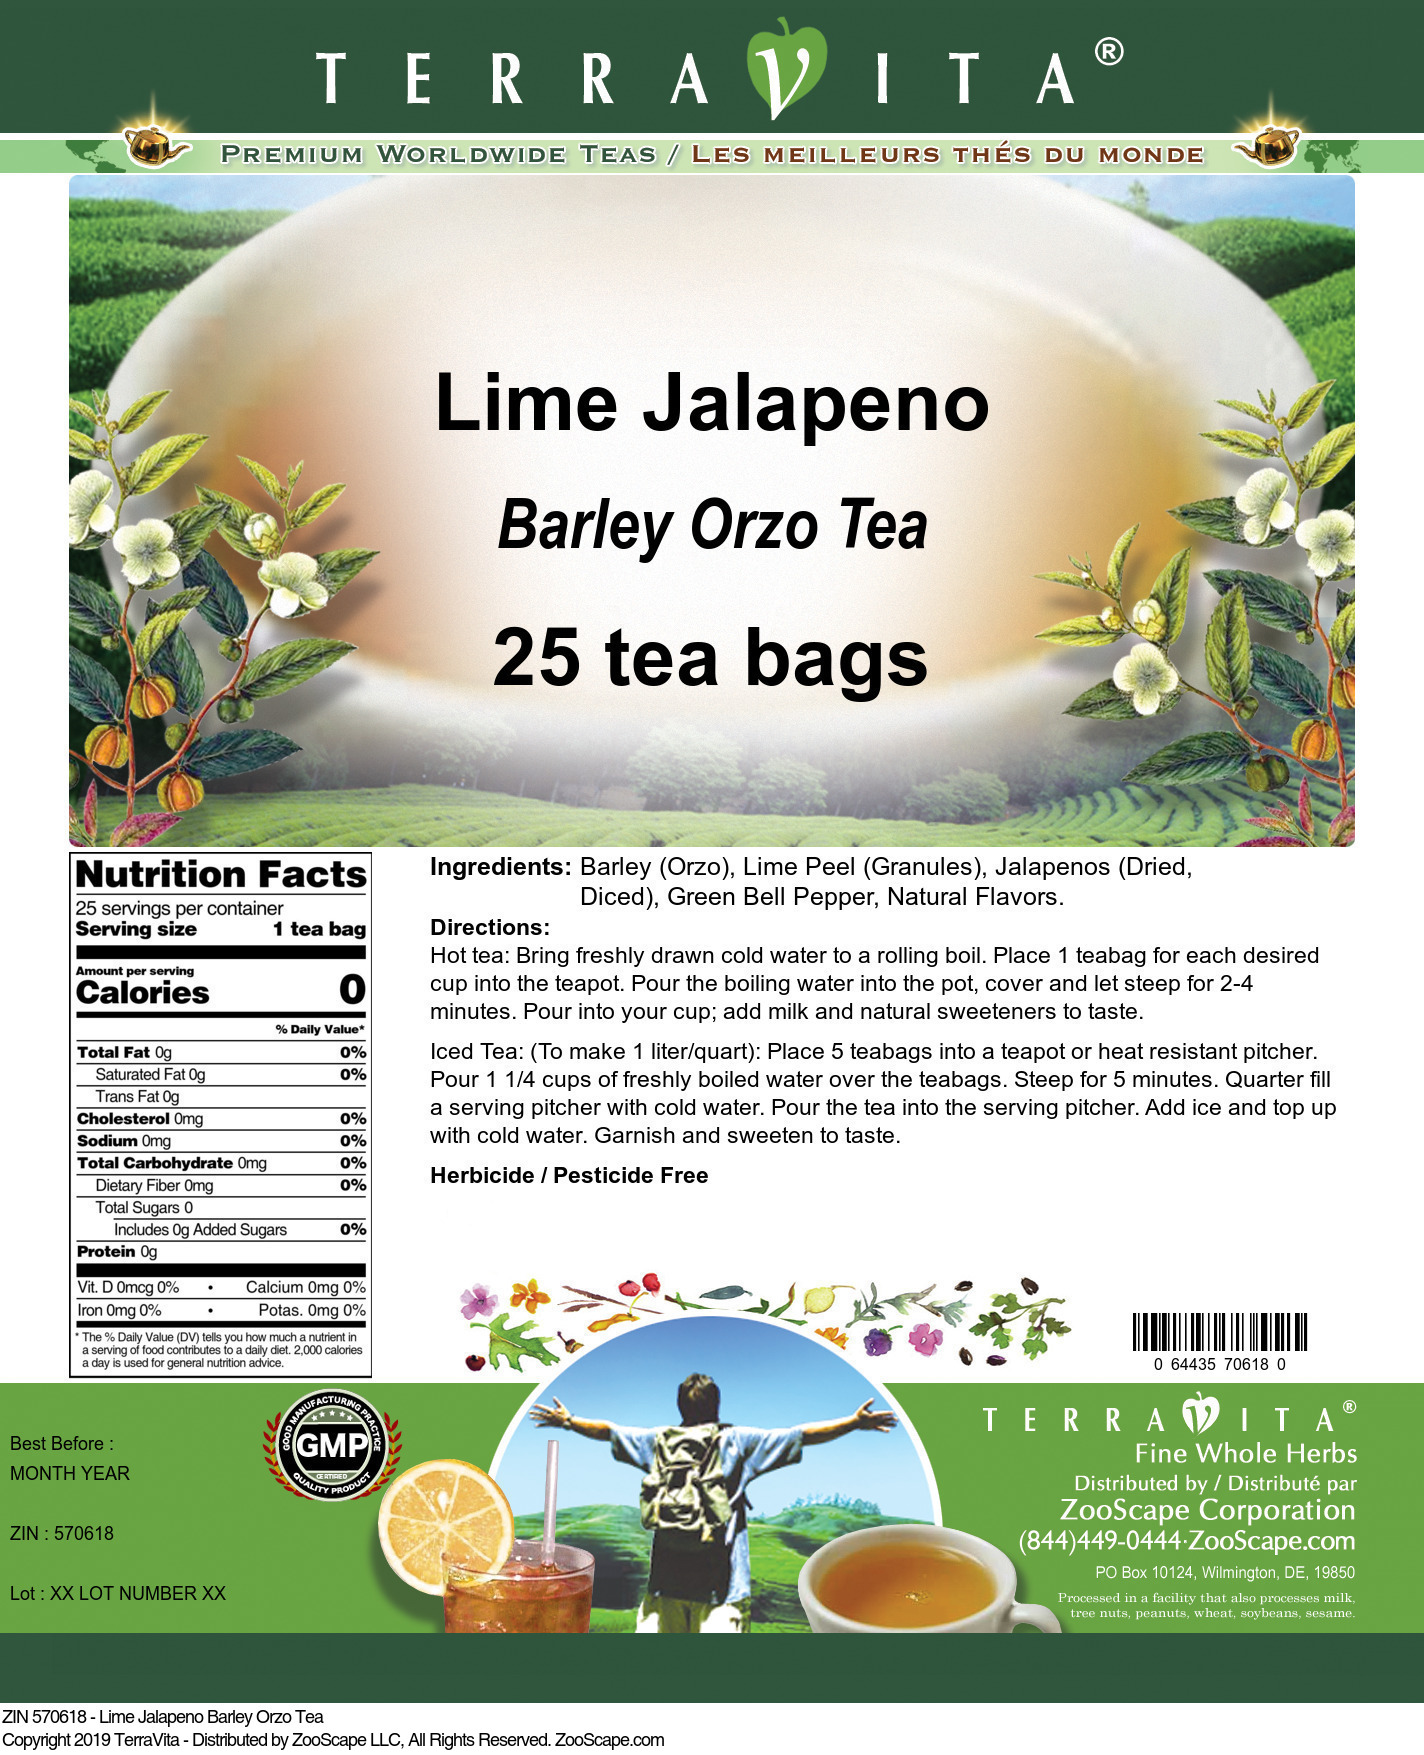 Lime Jalapeno Barley Orzo Tea